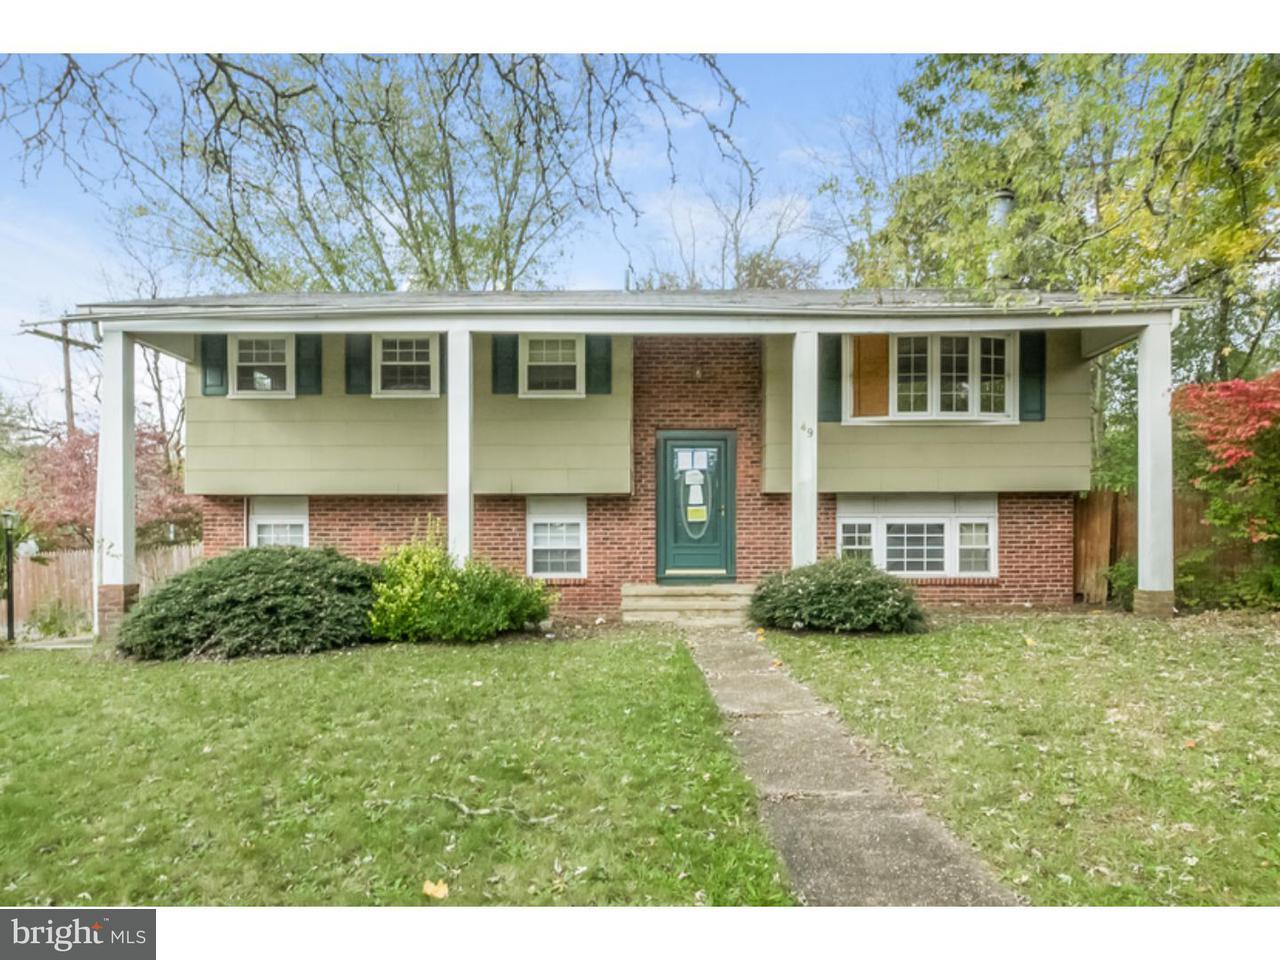 Частный односемейный дом для того Продажа на 49 BIRCH Drive Jackson Township, Нью-Джерси 08527 Соединенные Штаты